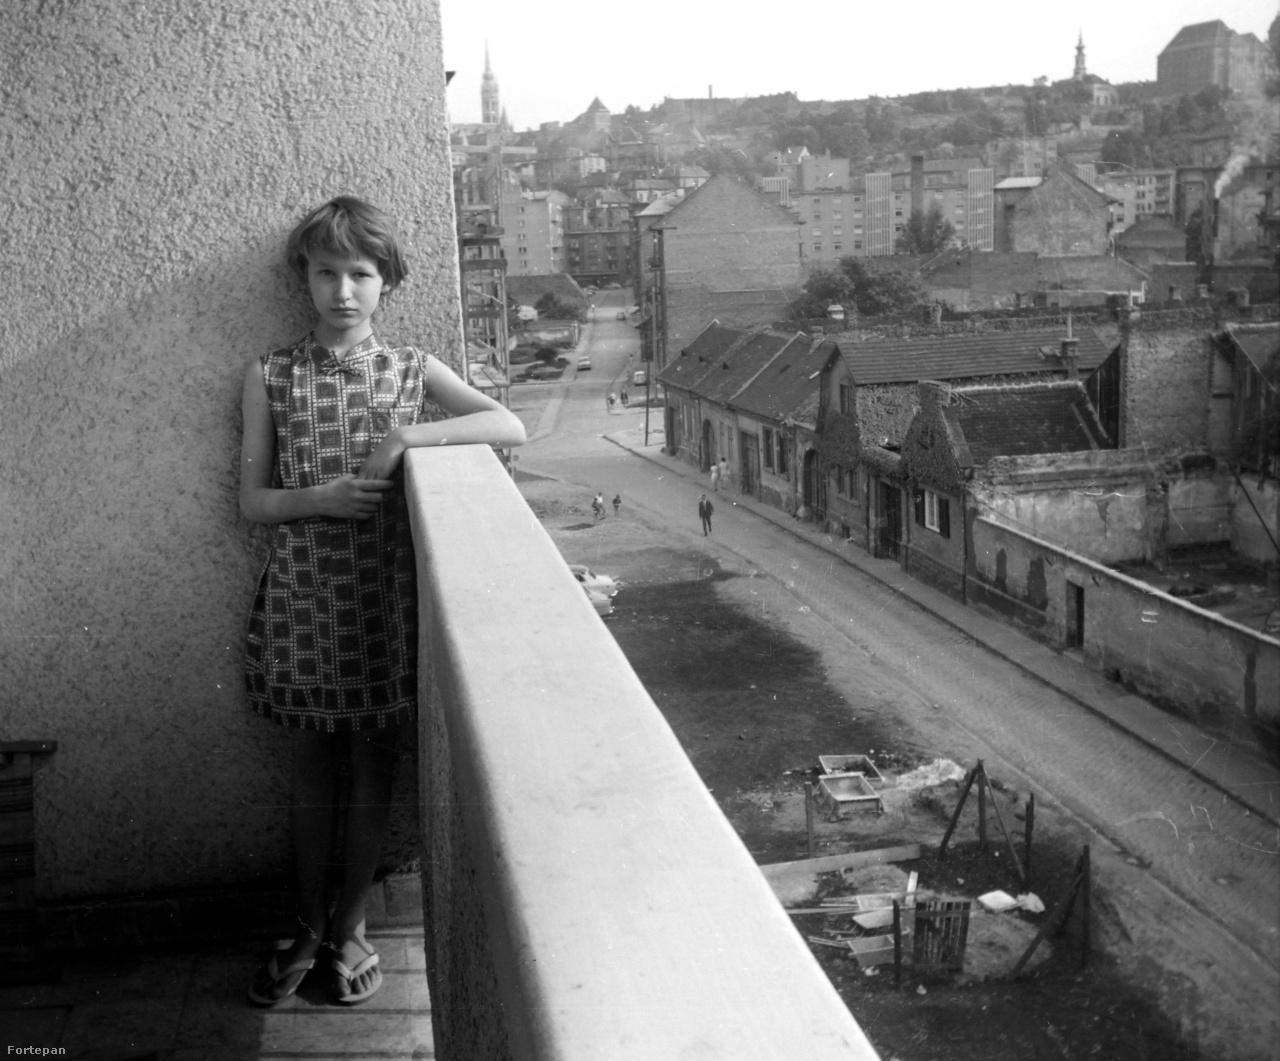 Két világ határán 1966-ban: egy modern épület lodzsáján támaszkodó lányka a Horváth utcában, a másik oldalon még a régi Buda emlékei földszintes házakkal. Ma már irodaházak vannak a helyükön.